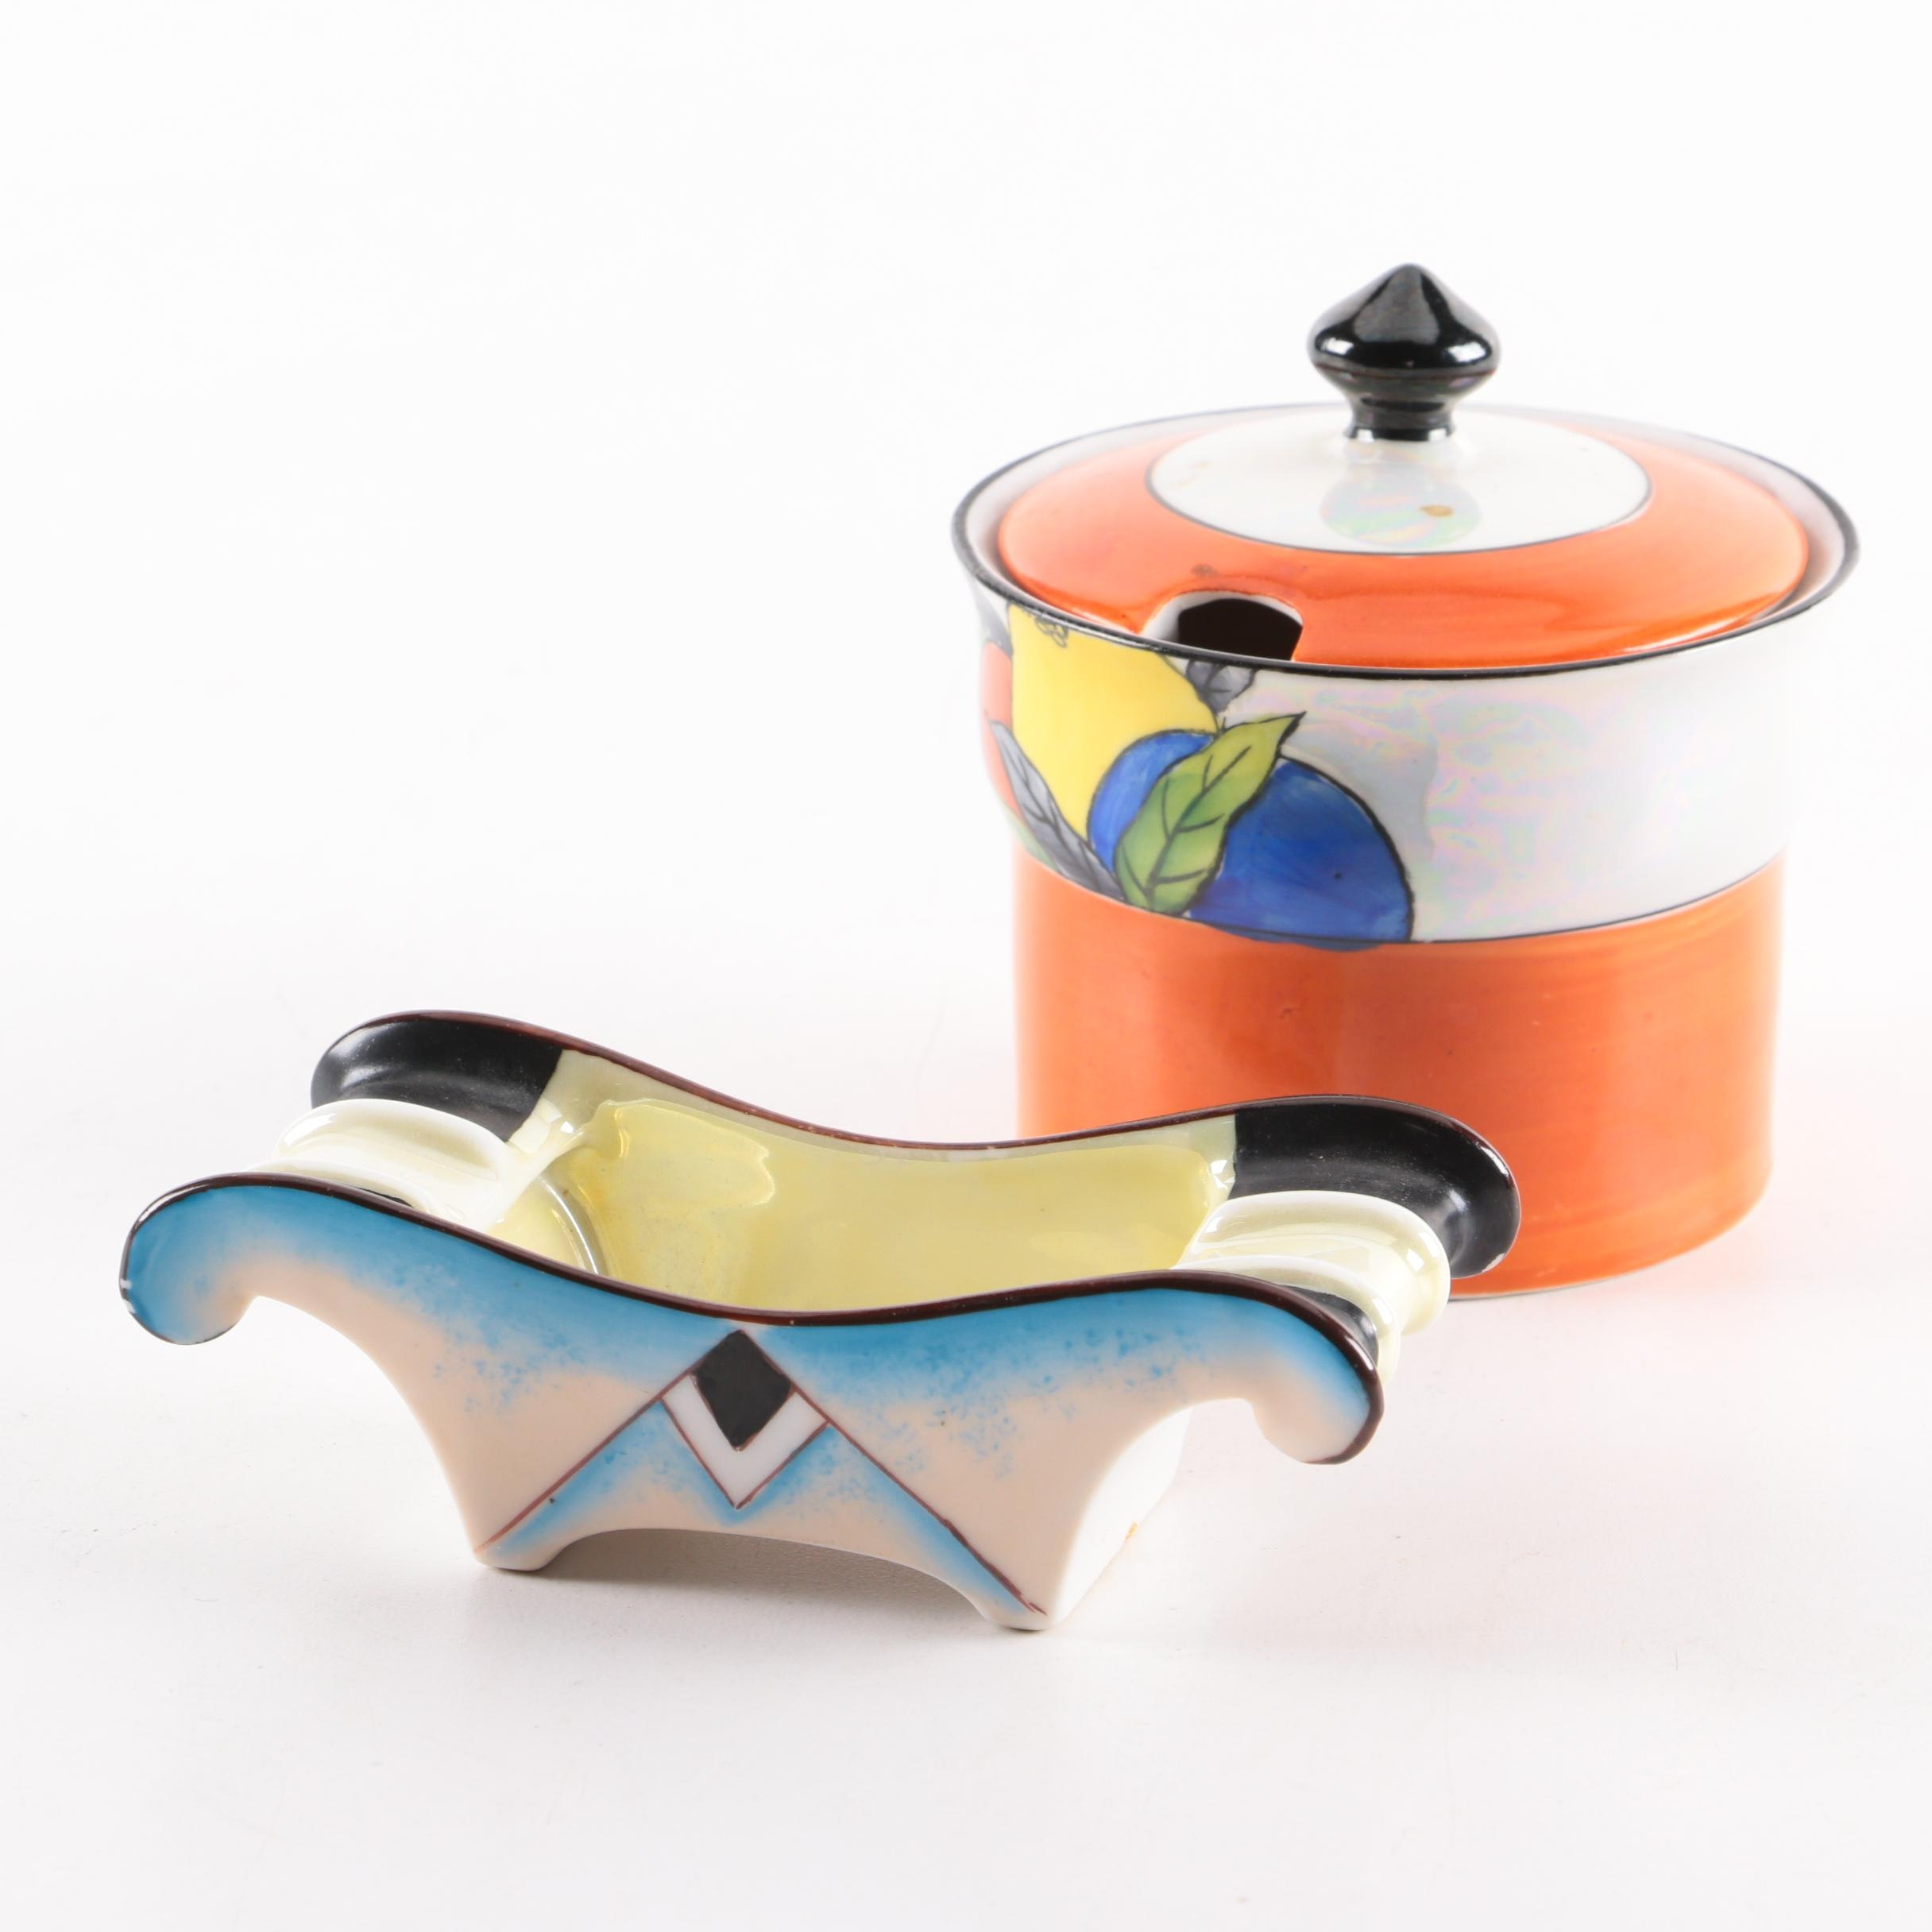 Noritake Porcelain Serveware